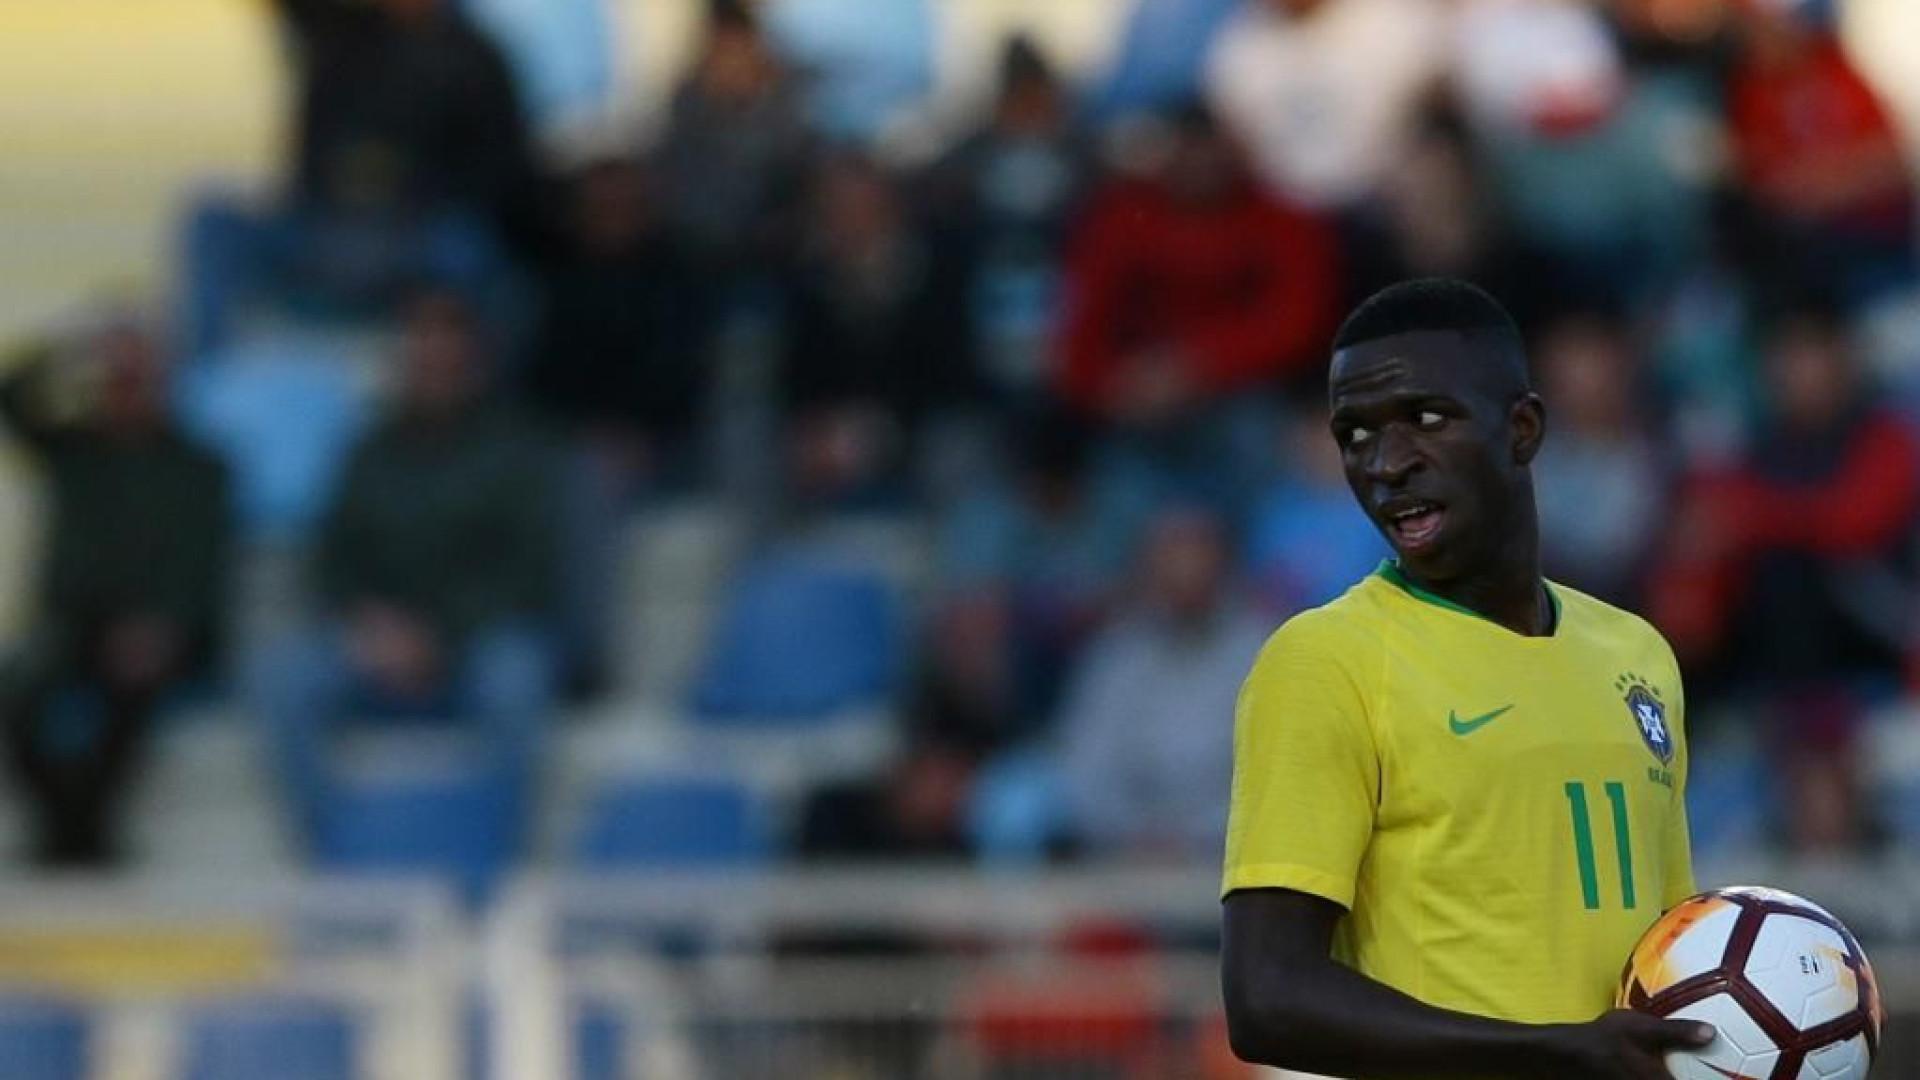 Vinícius deu 'show de bola' após corrida de 40 metros e fintar 3 defesas